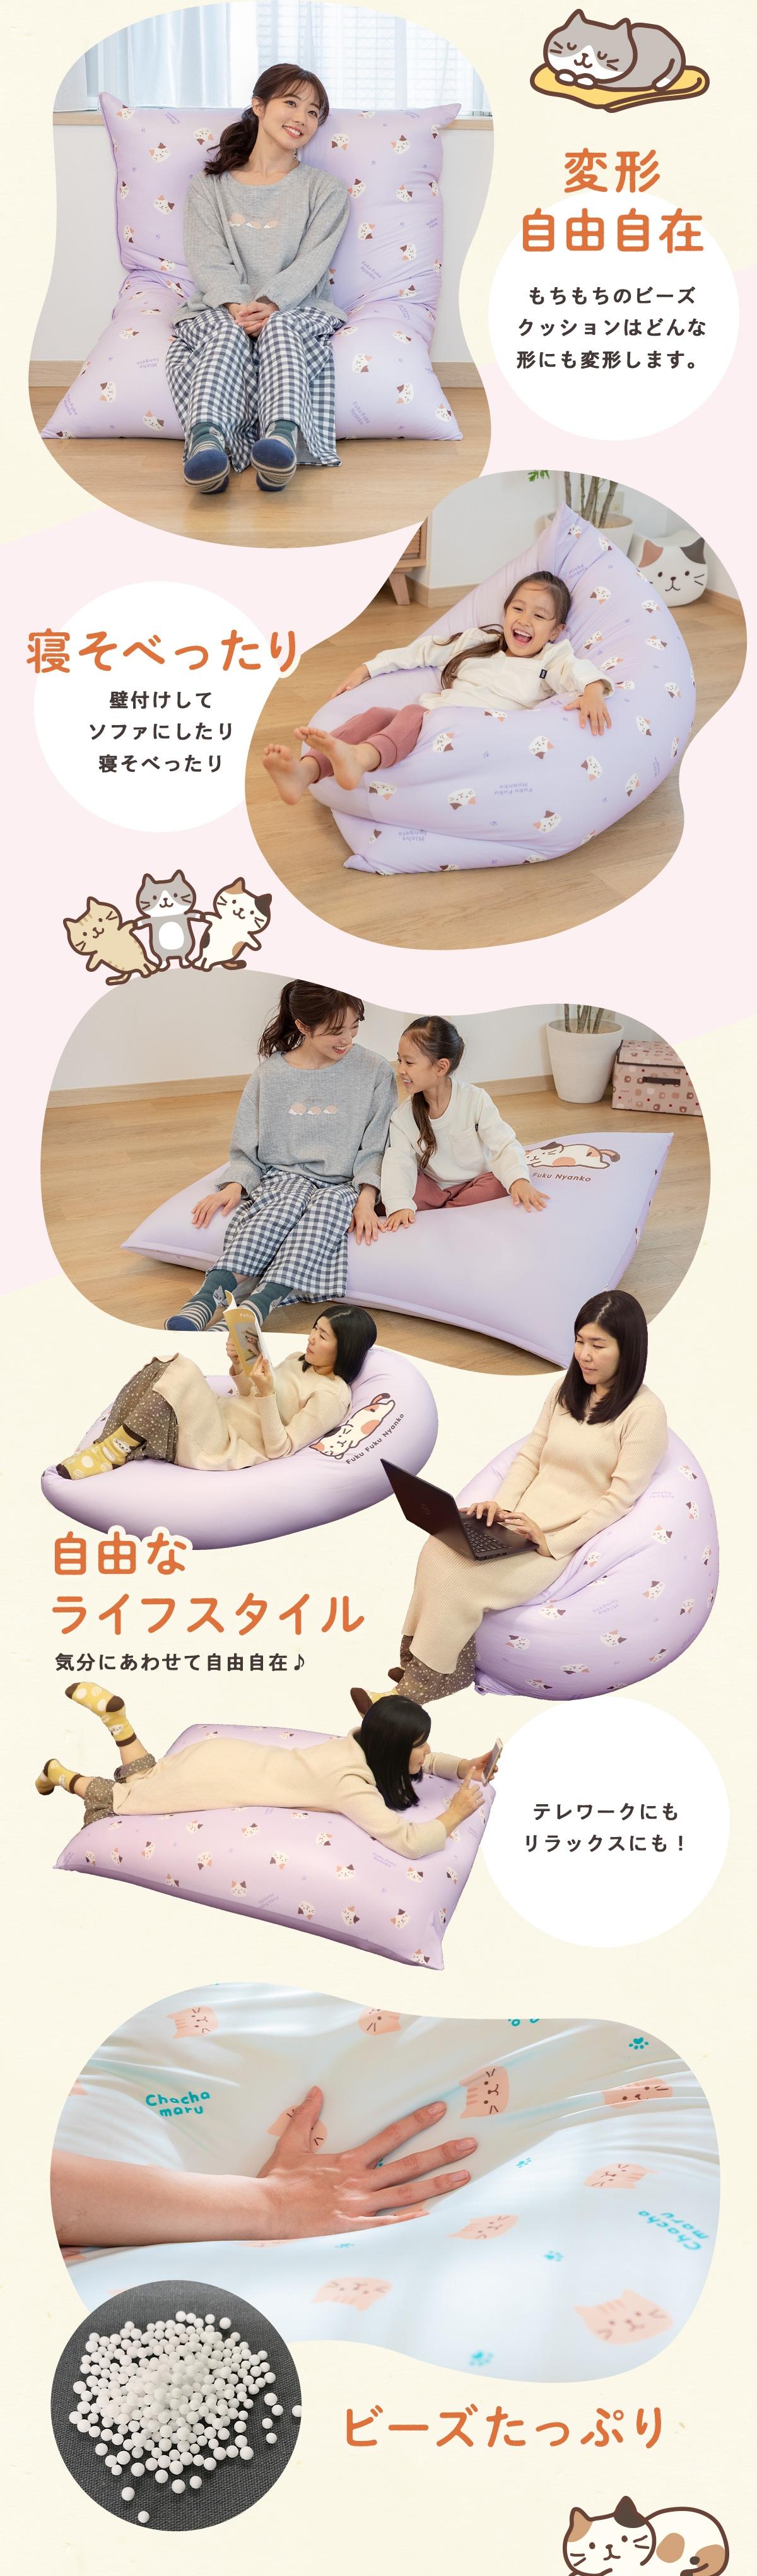 使い方たくさん! マルチに使えるクッションは猫好きさんにおすすめ。